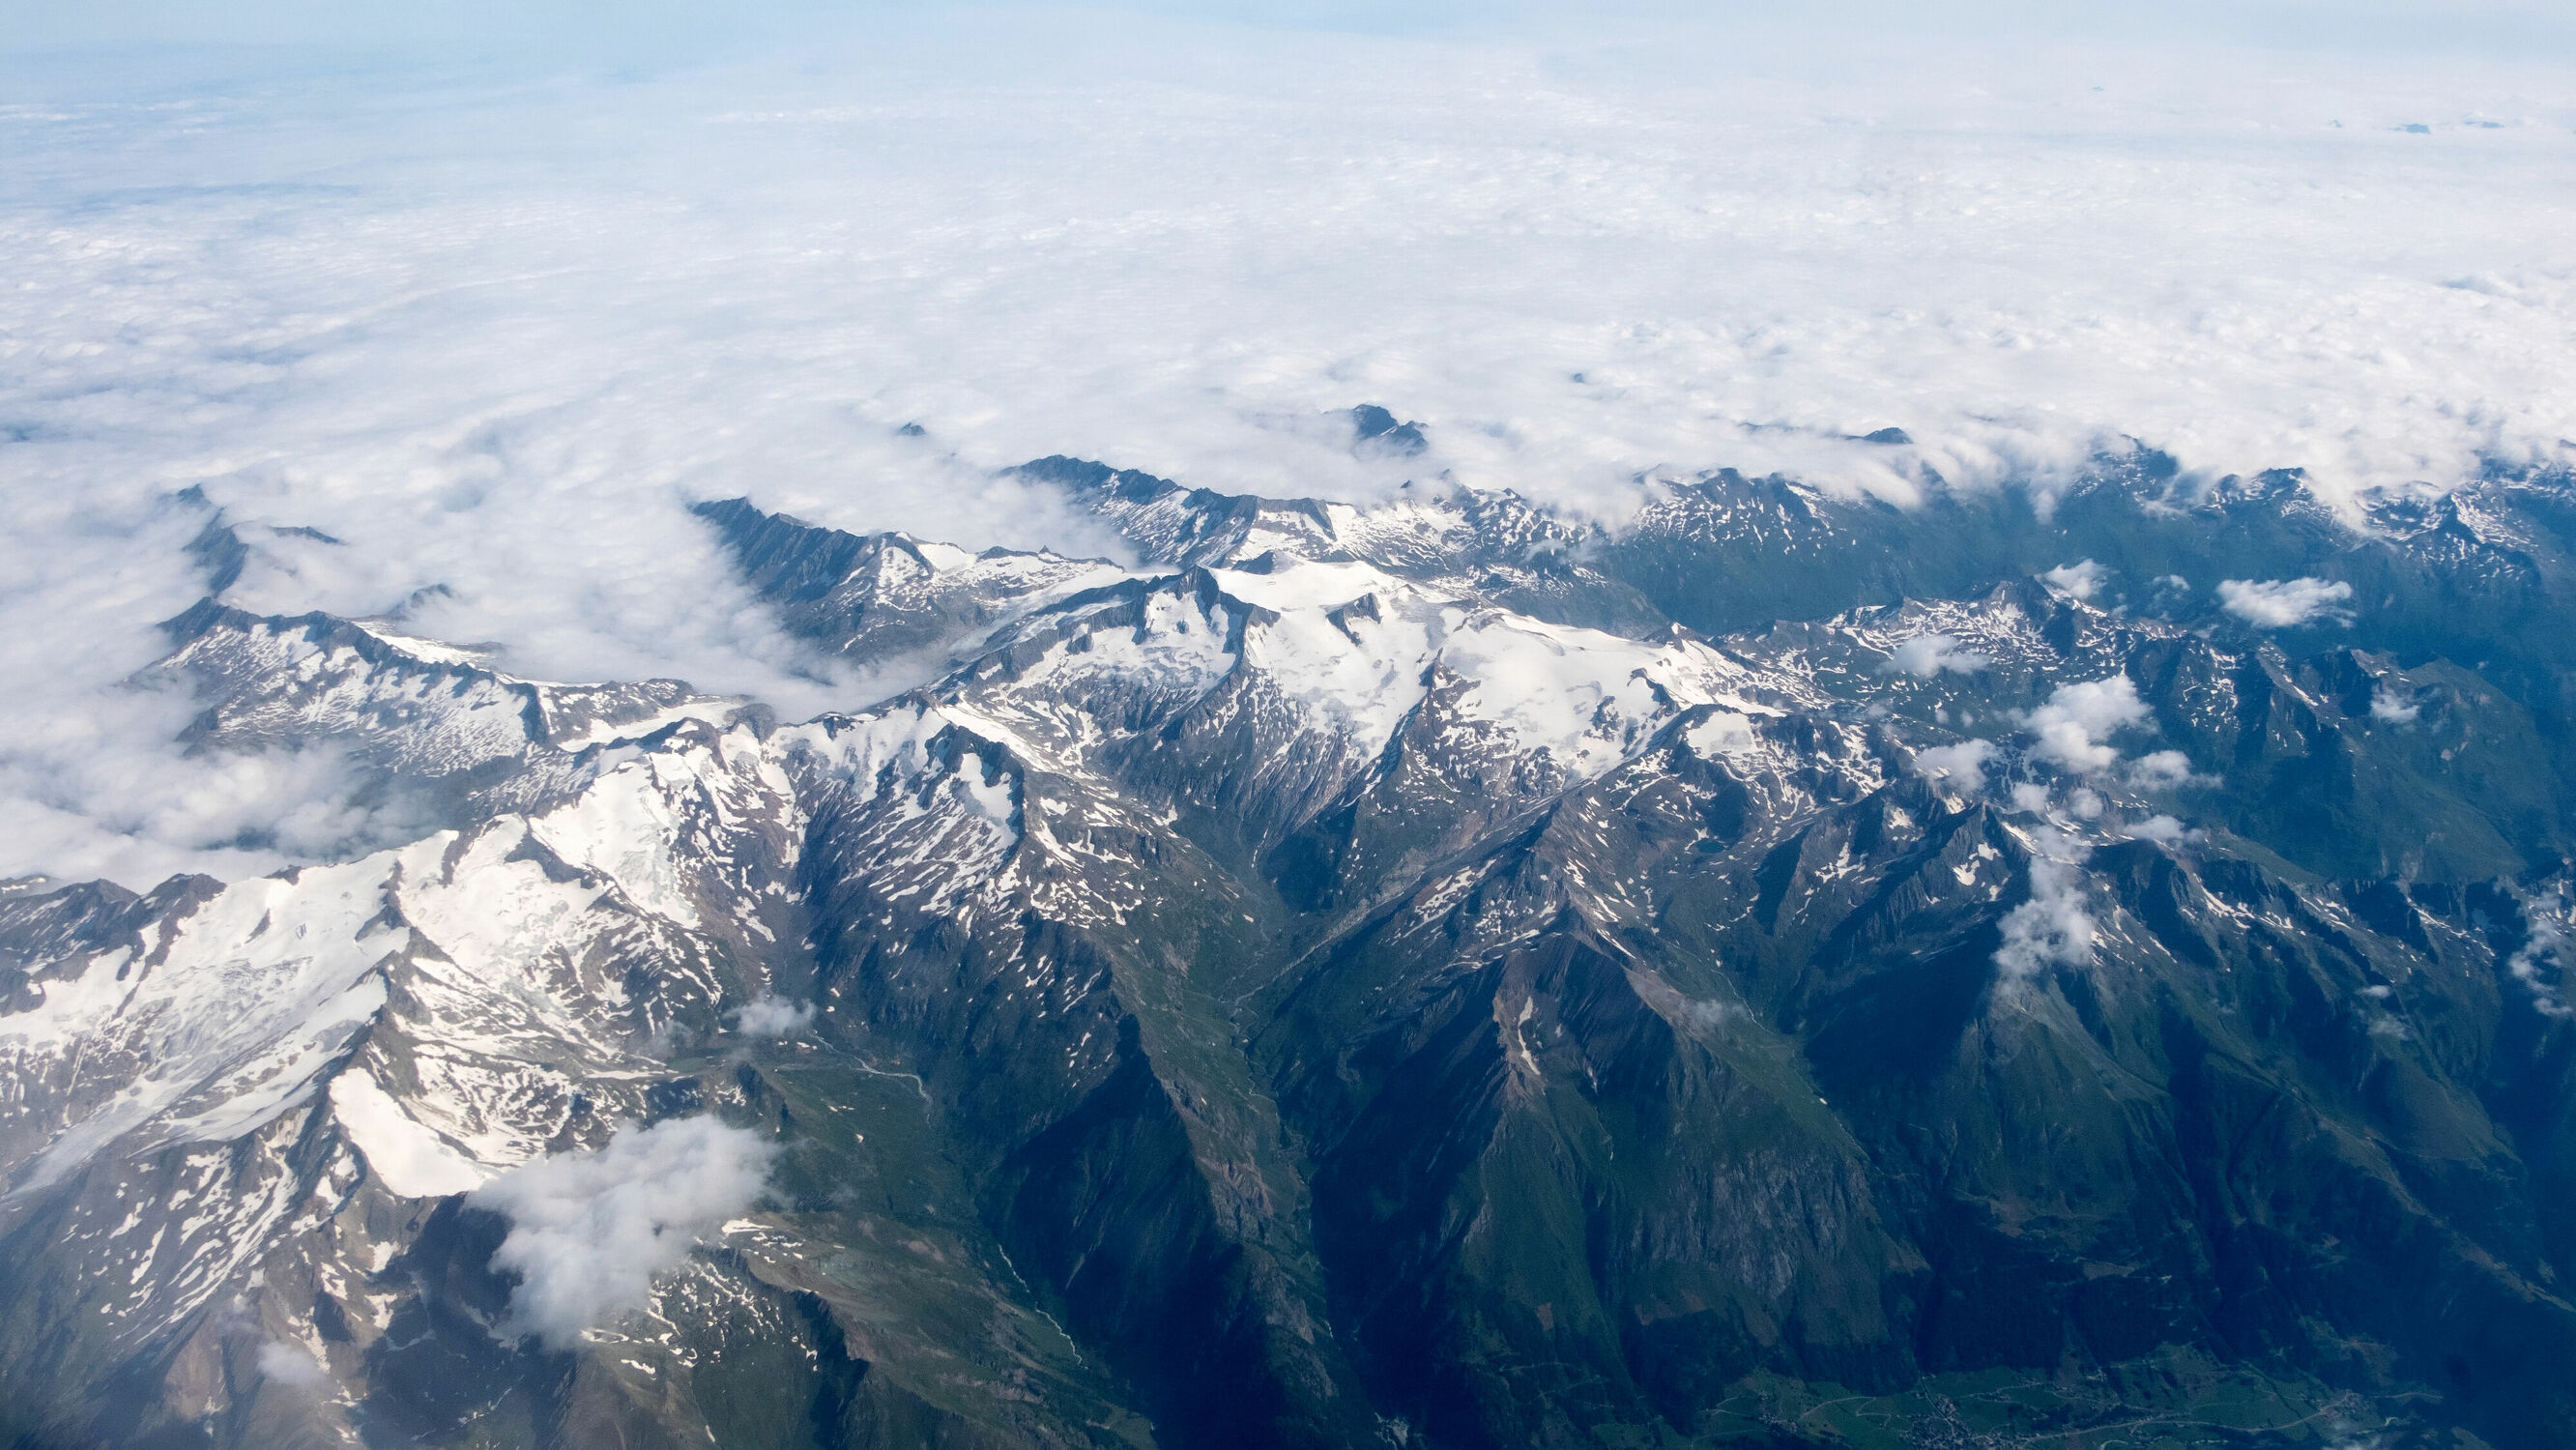 Bild mit Natur, Täler, Schnee, Wälder, Alpen, Gebirgskette, Alpen Panorama, Wolkenhimmel Panorama, Berggipfel